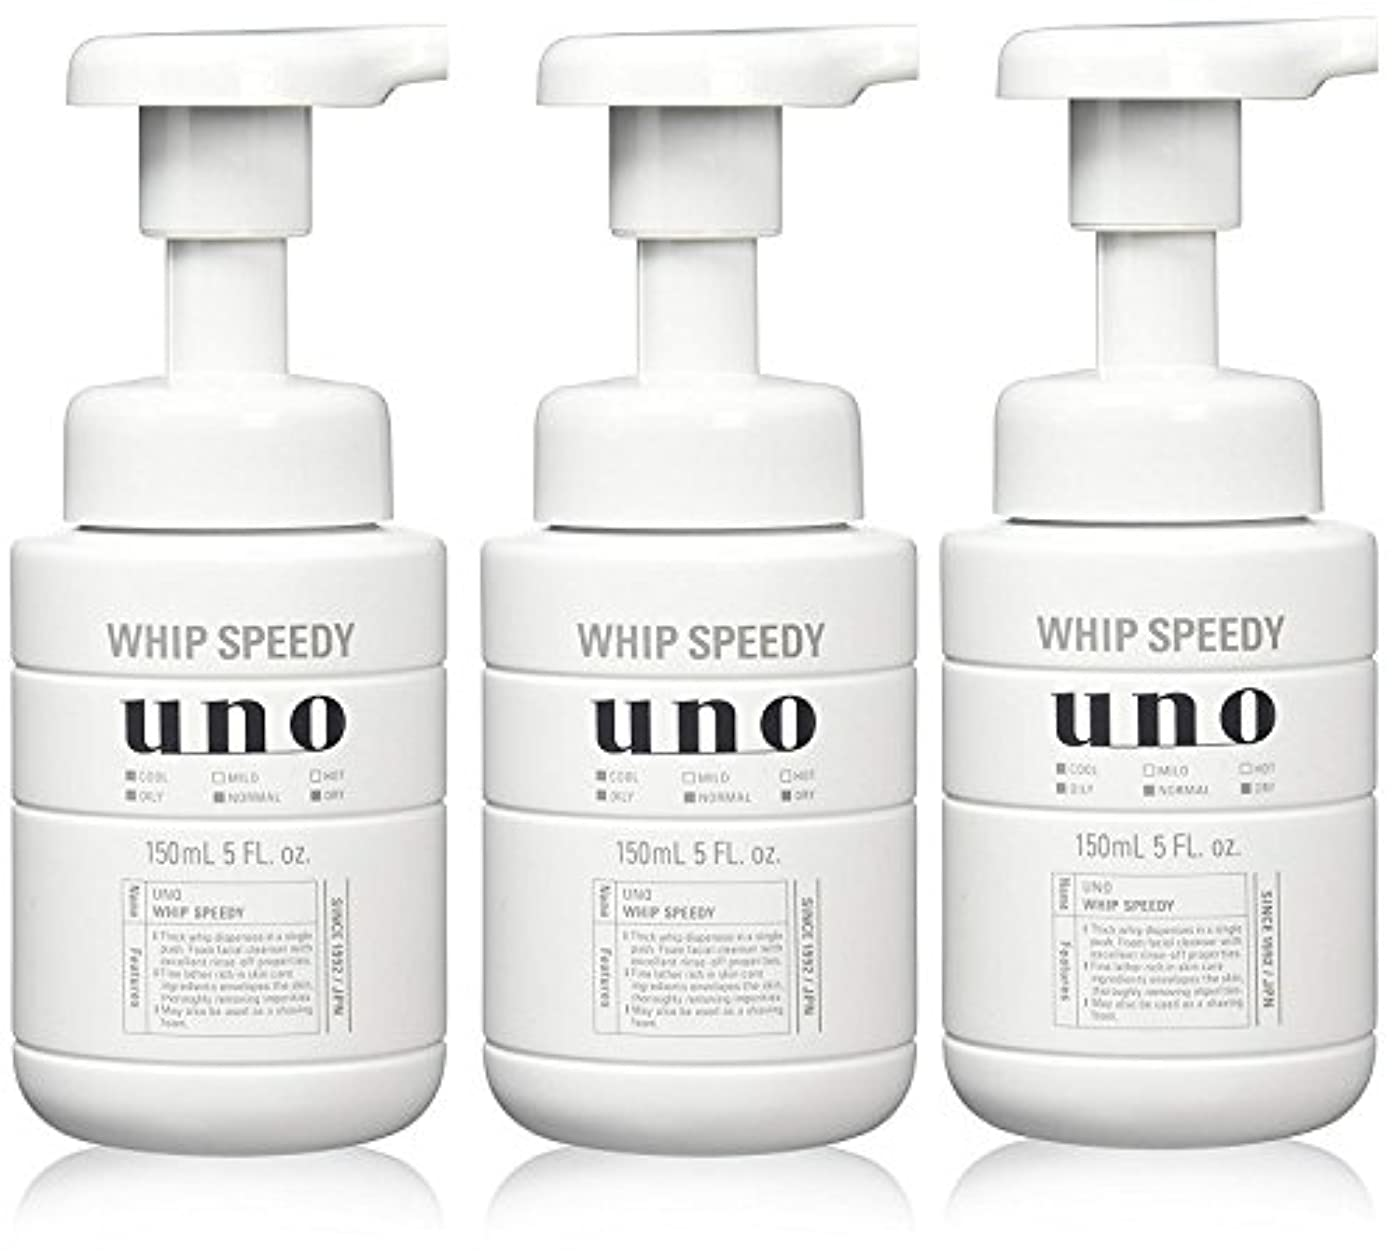 【まとめ買い】ウーノ ホイップスピーディー 洗顔料 150ml×3個